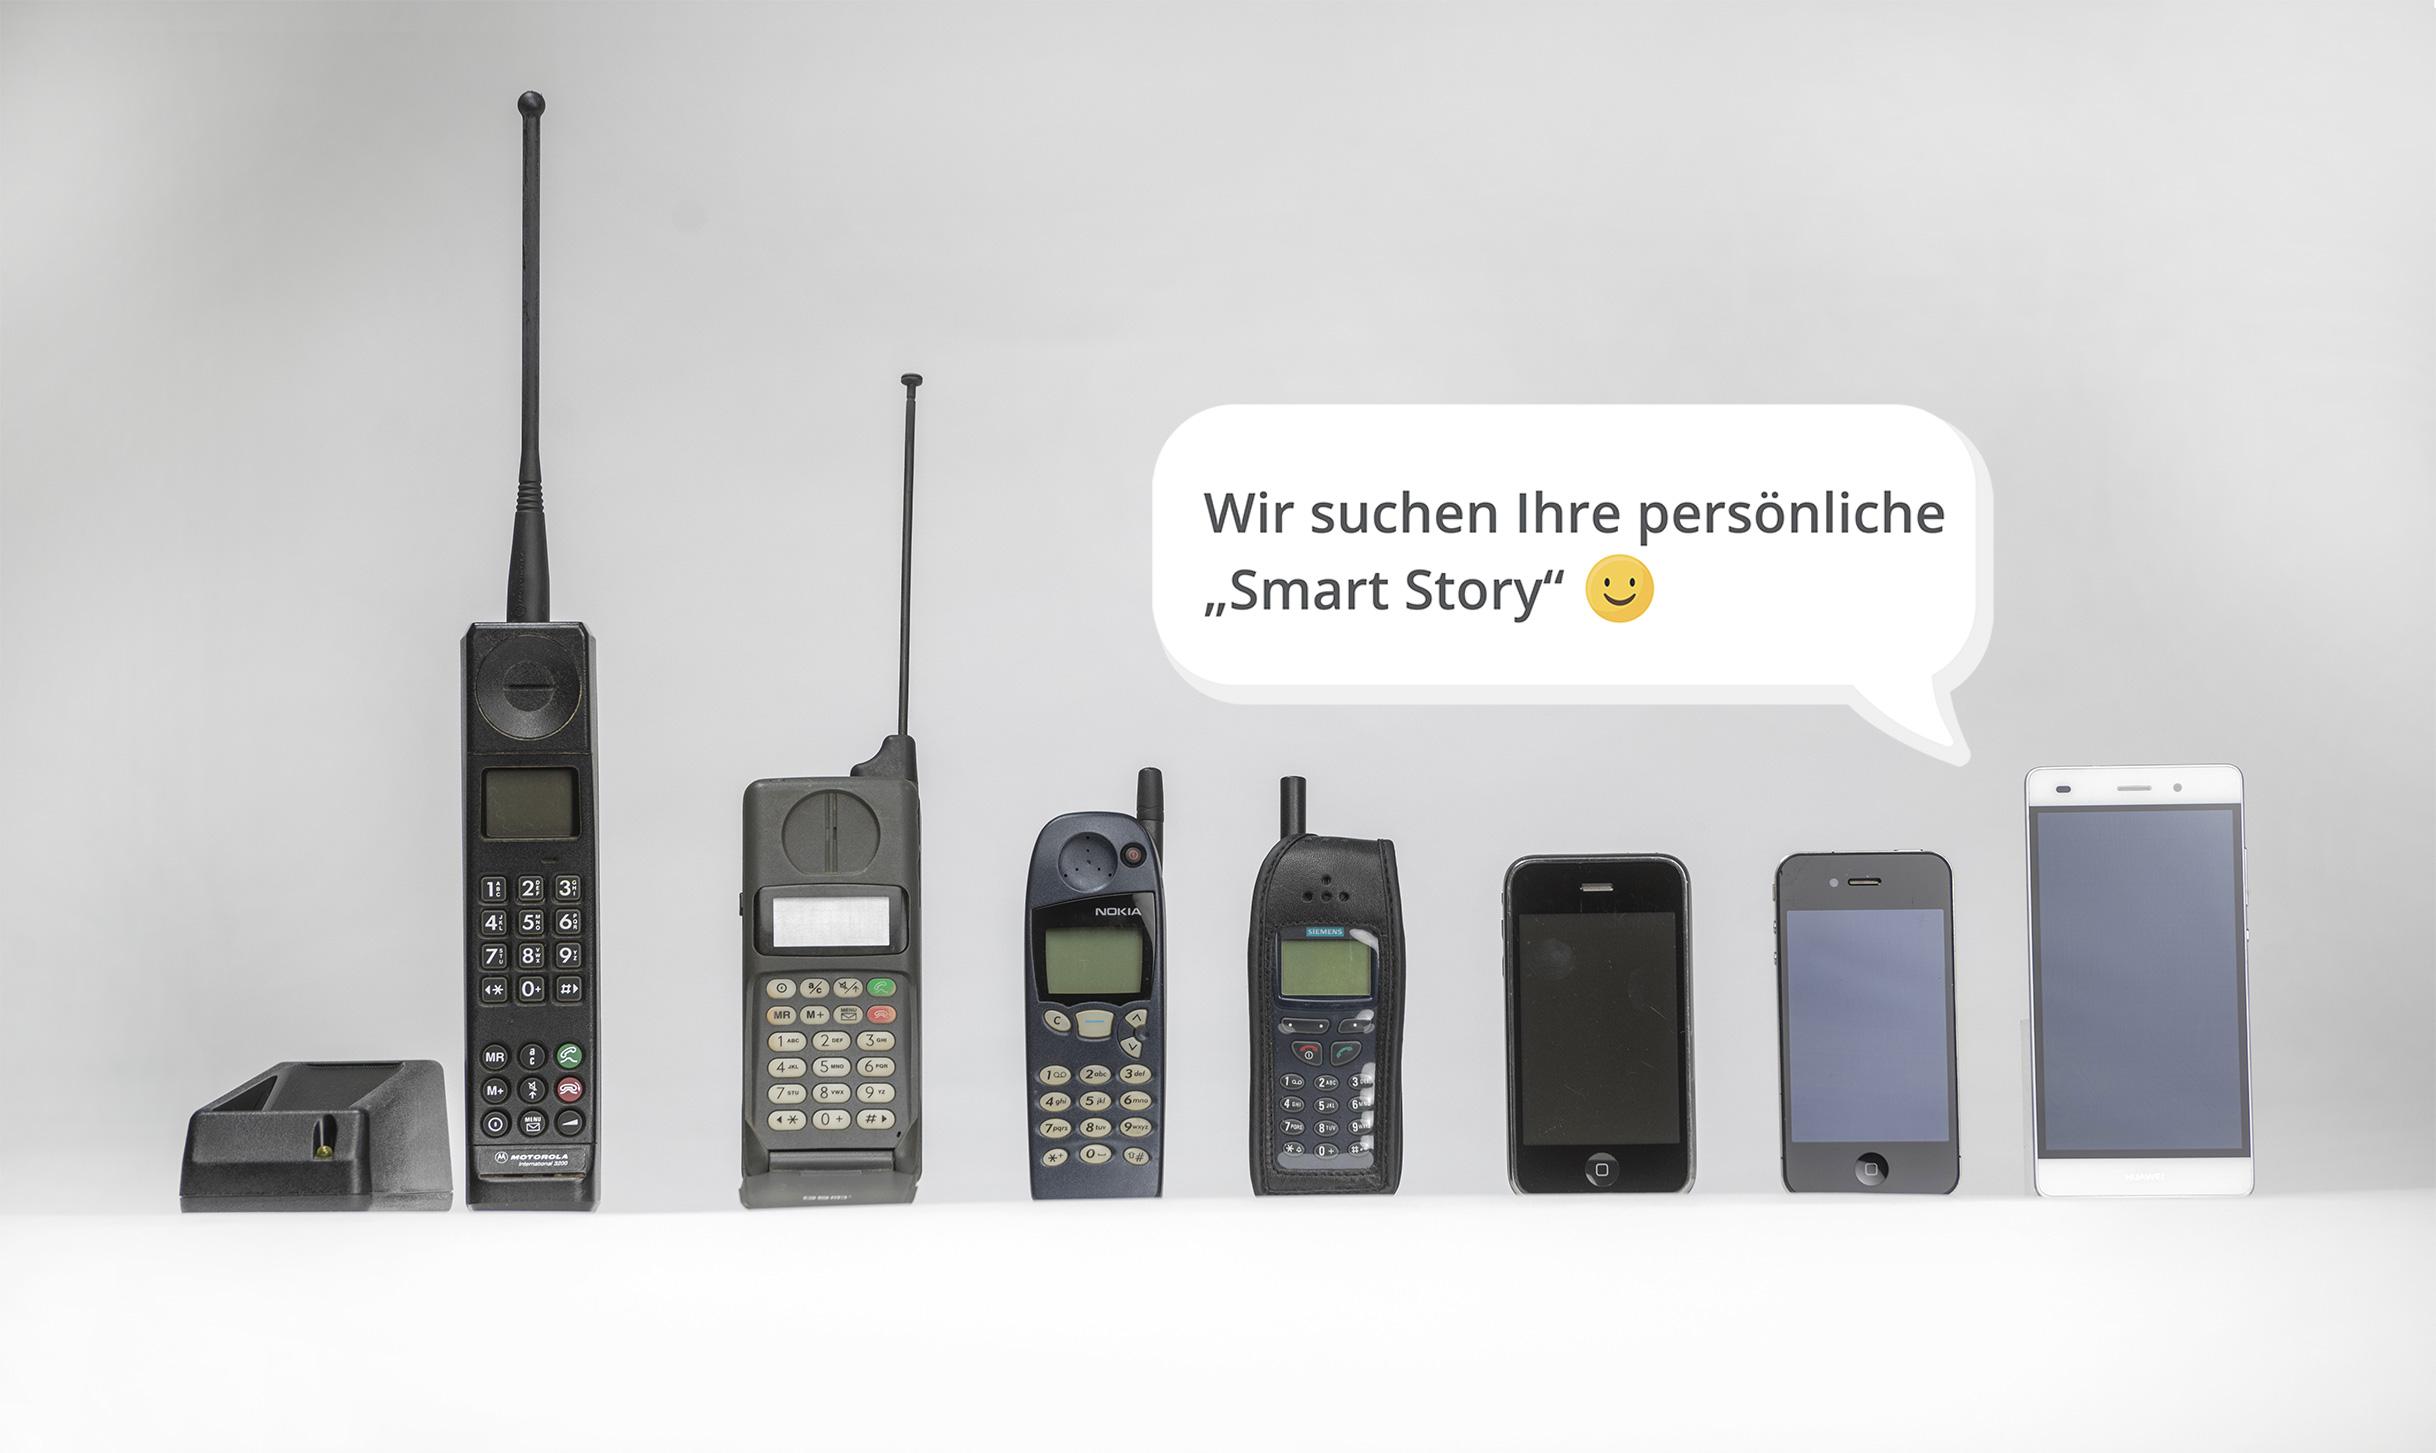 Sammlungsaufruf der Museumsstiftung Post und Telekommunikation Smartphone 25